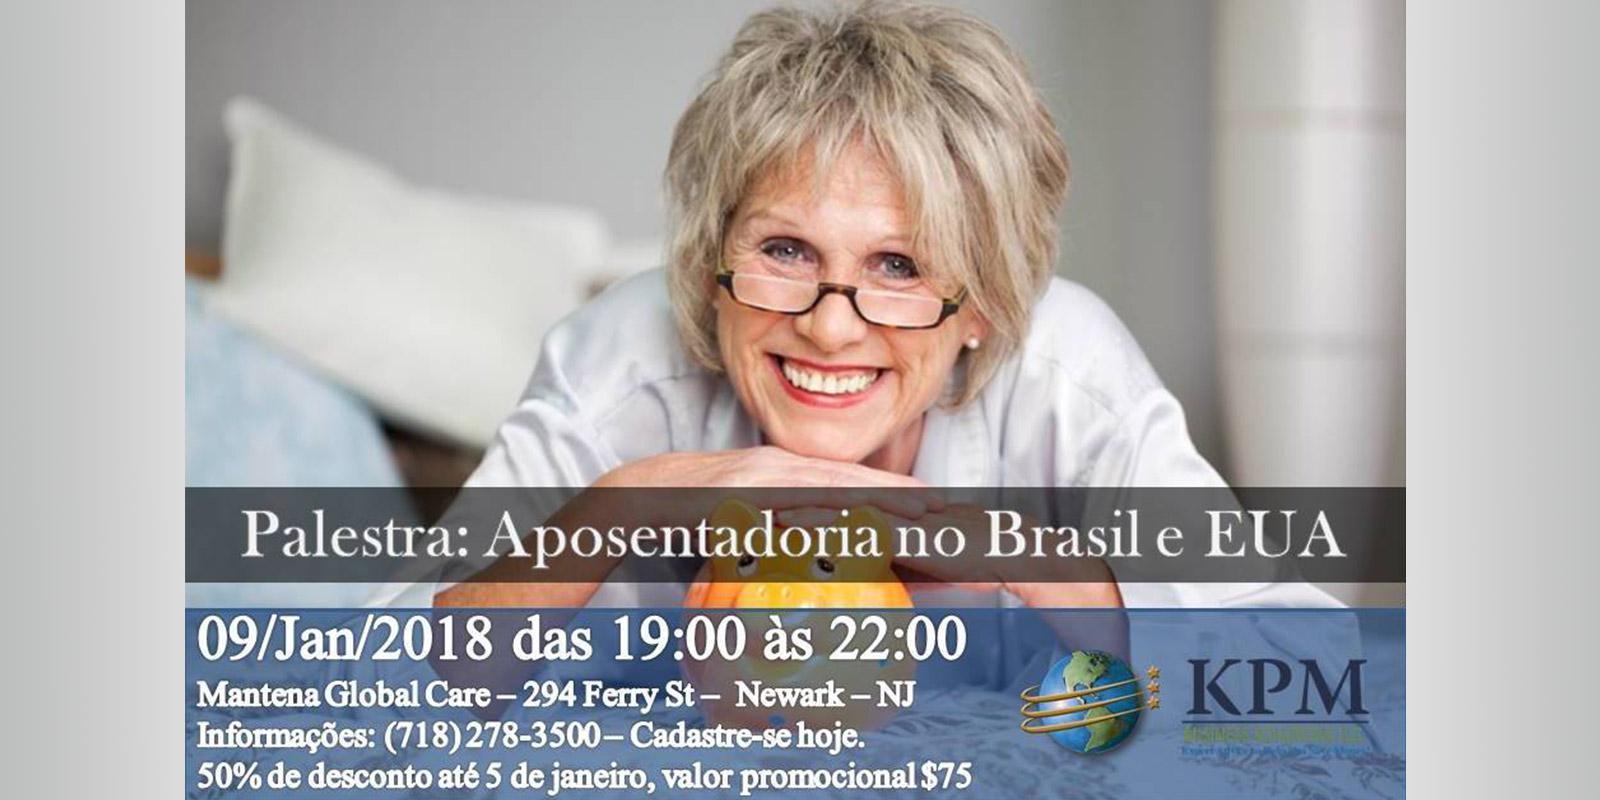 Palestra sobre aposentadoria no Brasil e nos EUA